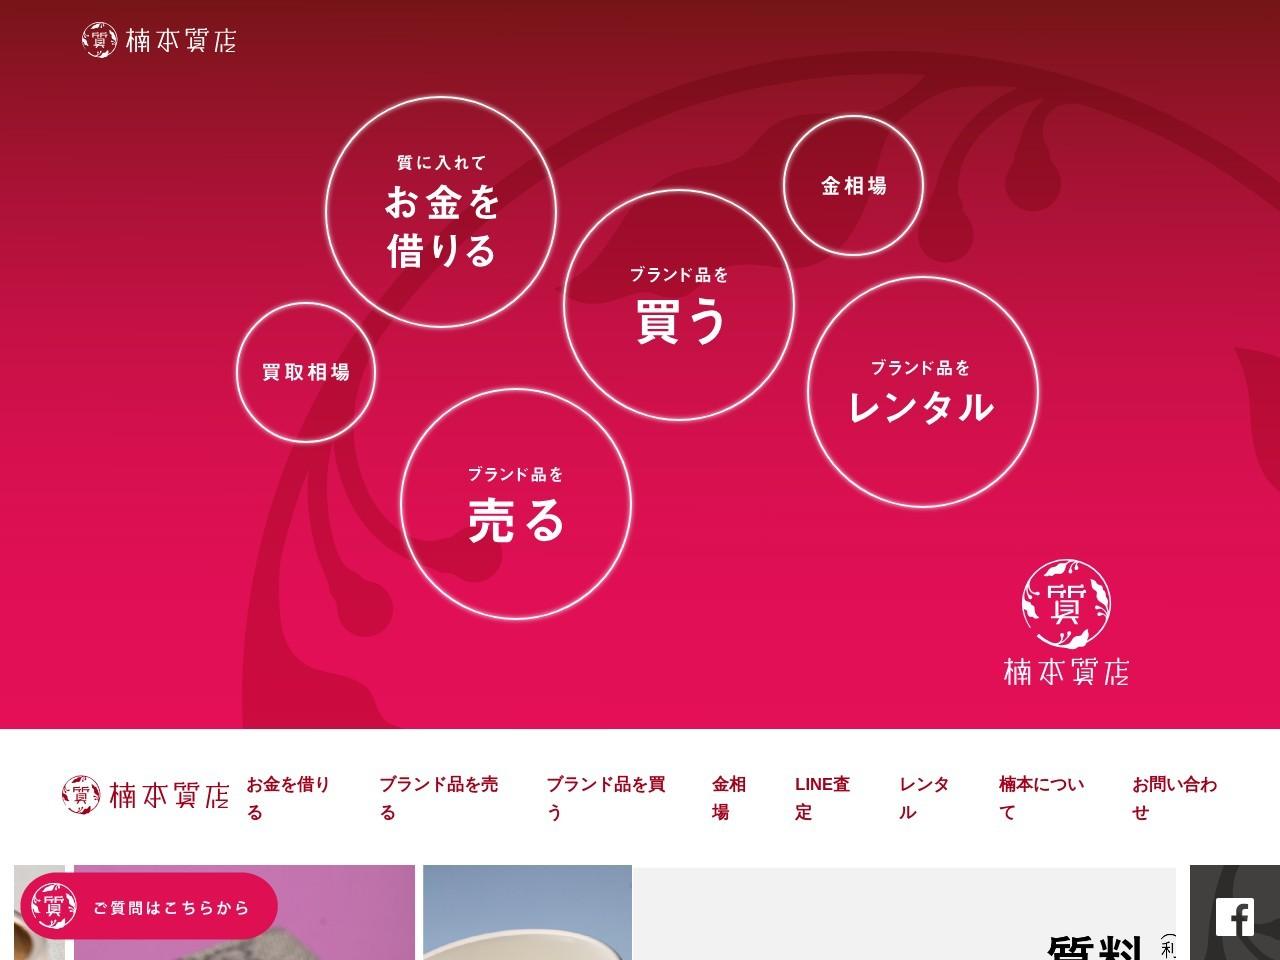 楠本質店|バッグ・財布・時計・貴金属などブランド品の高価買取・販売・キャッシング